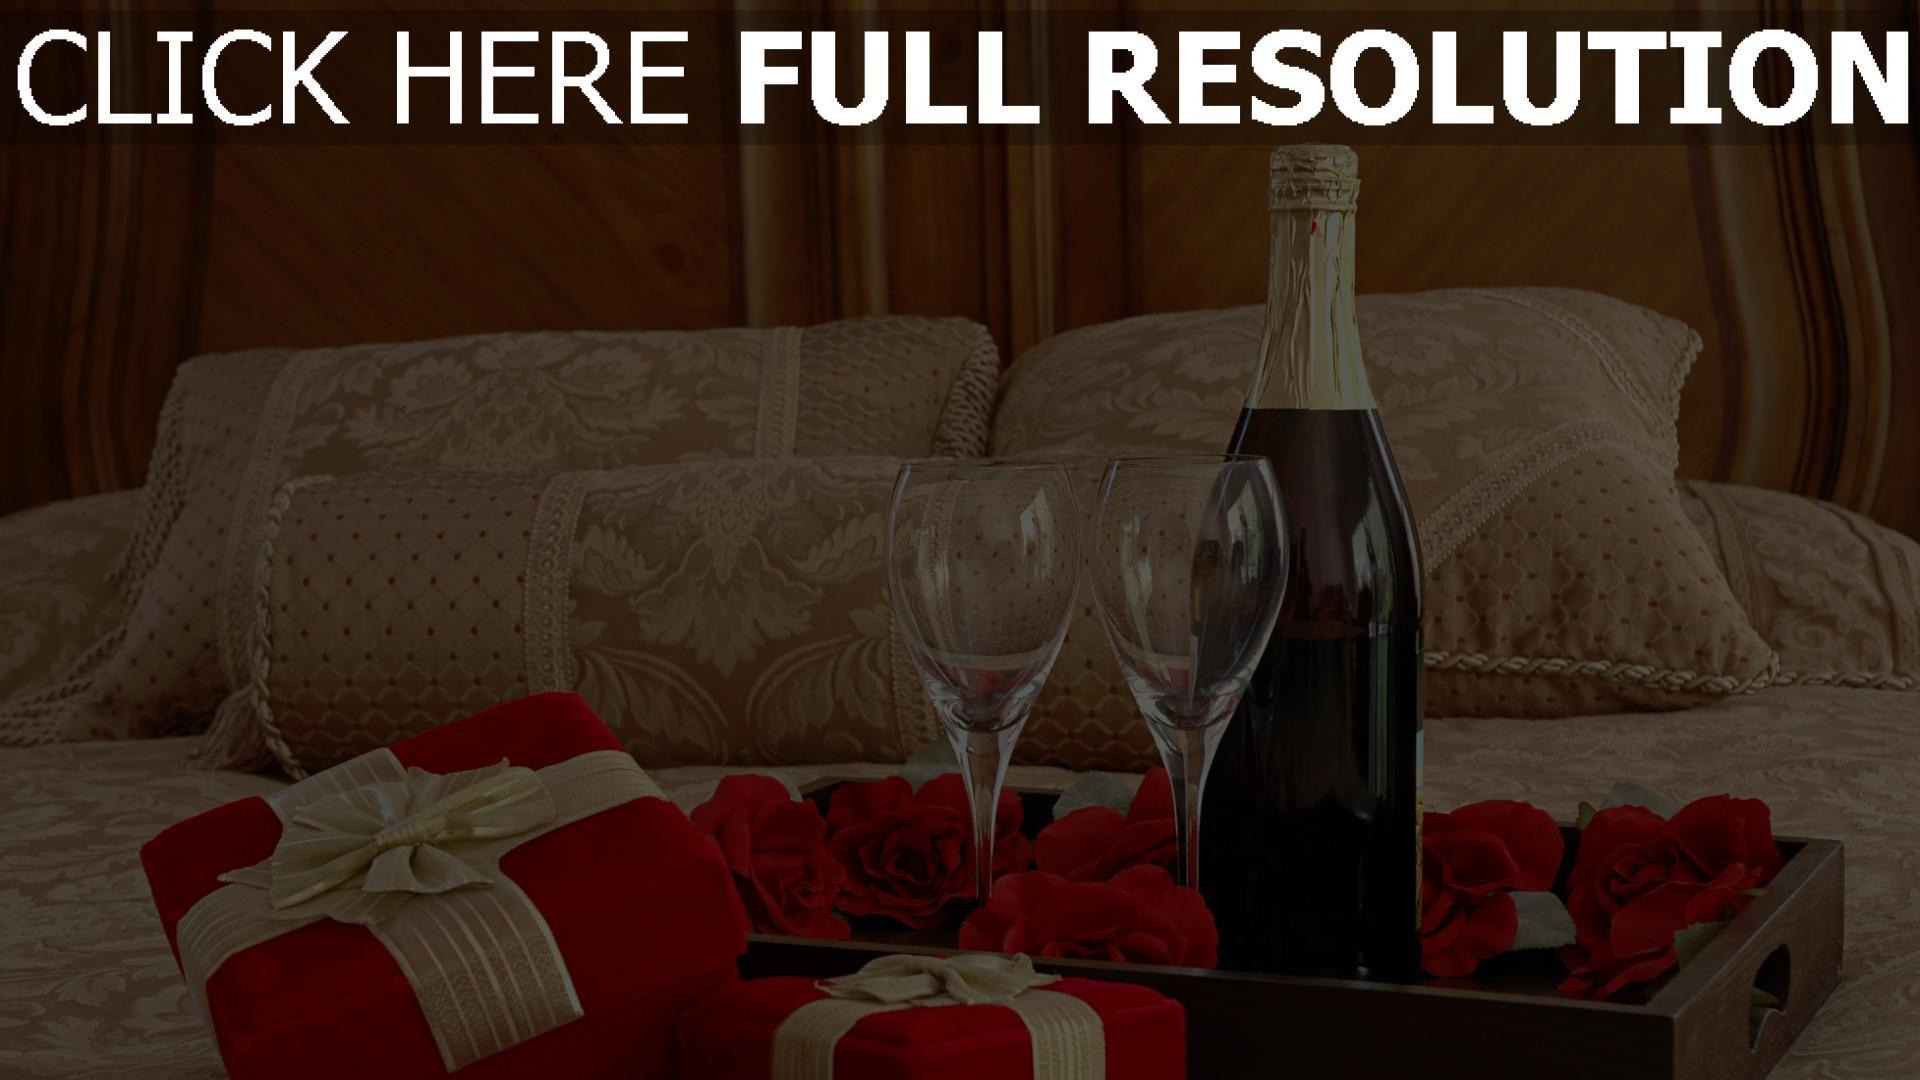 hd hintergrundbilder champagner gläser rosen romantik 1920x1080